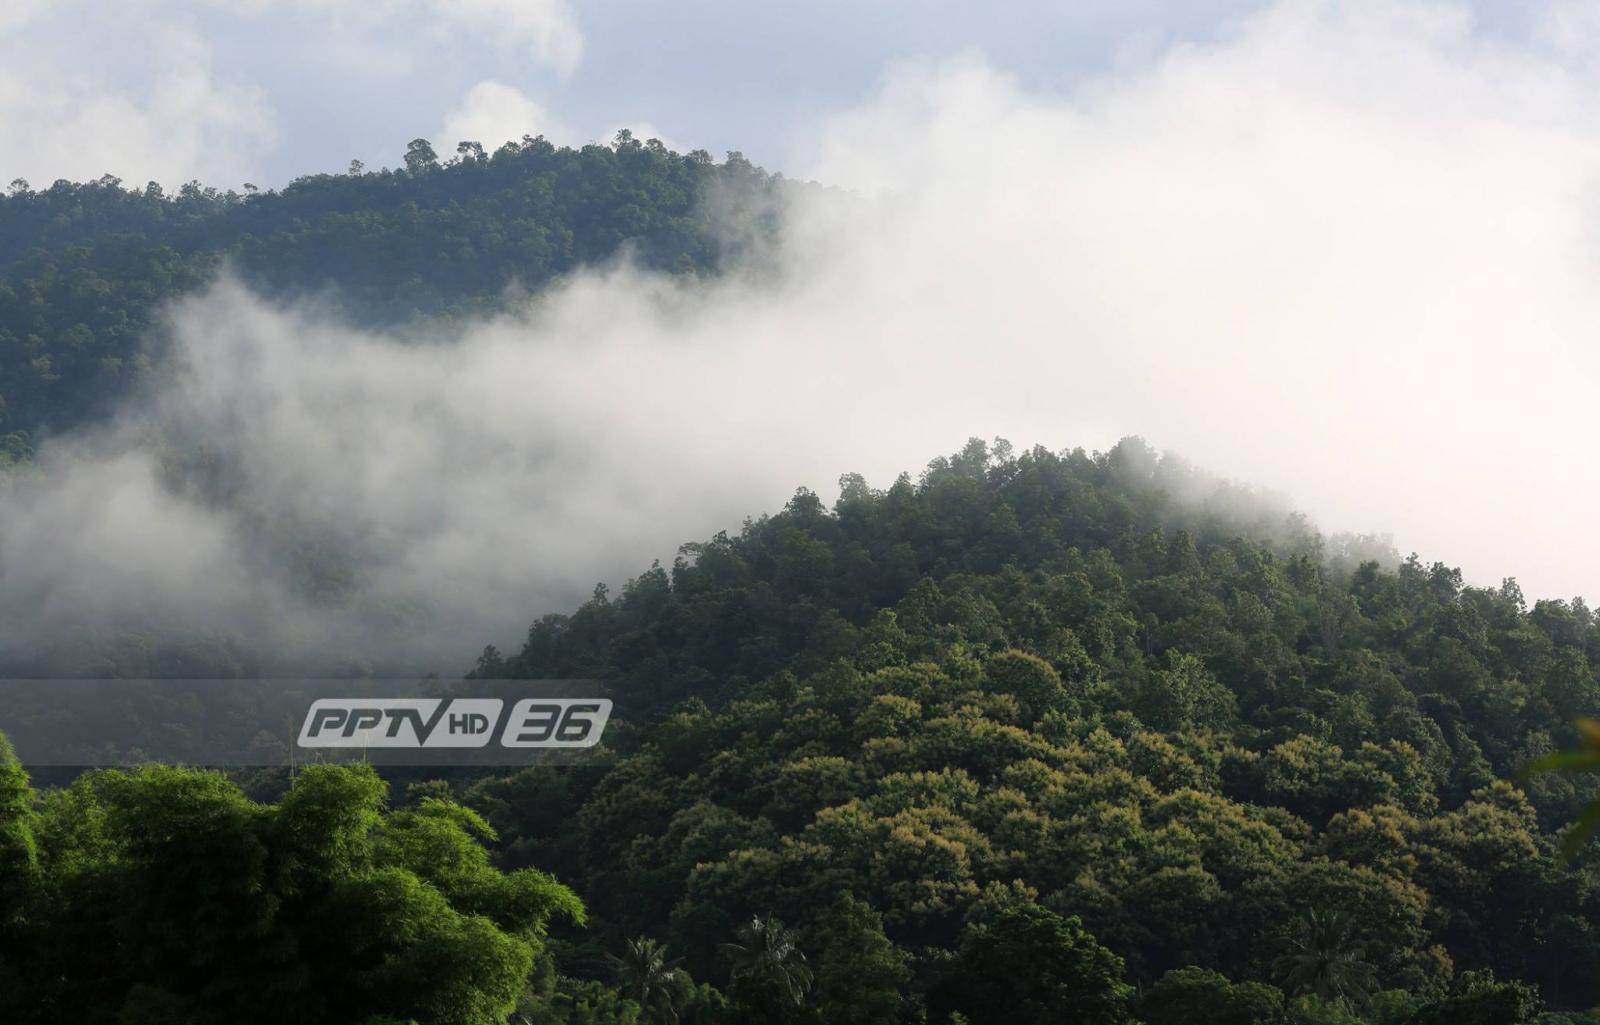 อุตุฯ เตือนภาคใต้ฝนตกหนัก – ประเทศไทยตอนบนอุณหภูมิลด 2-4 องศา